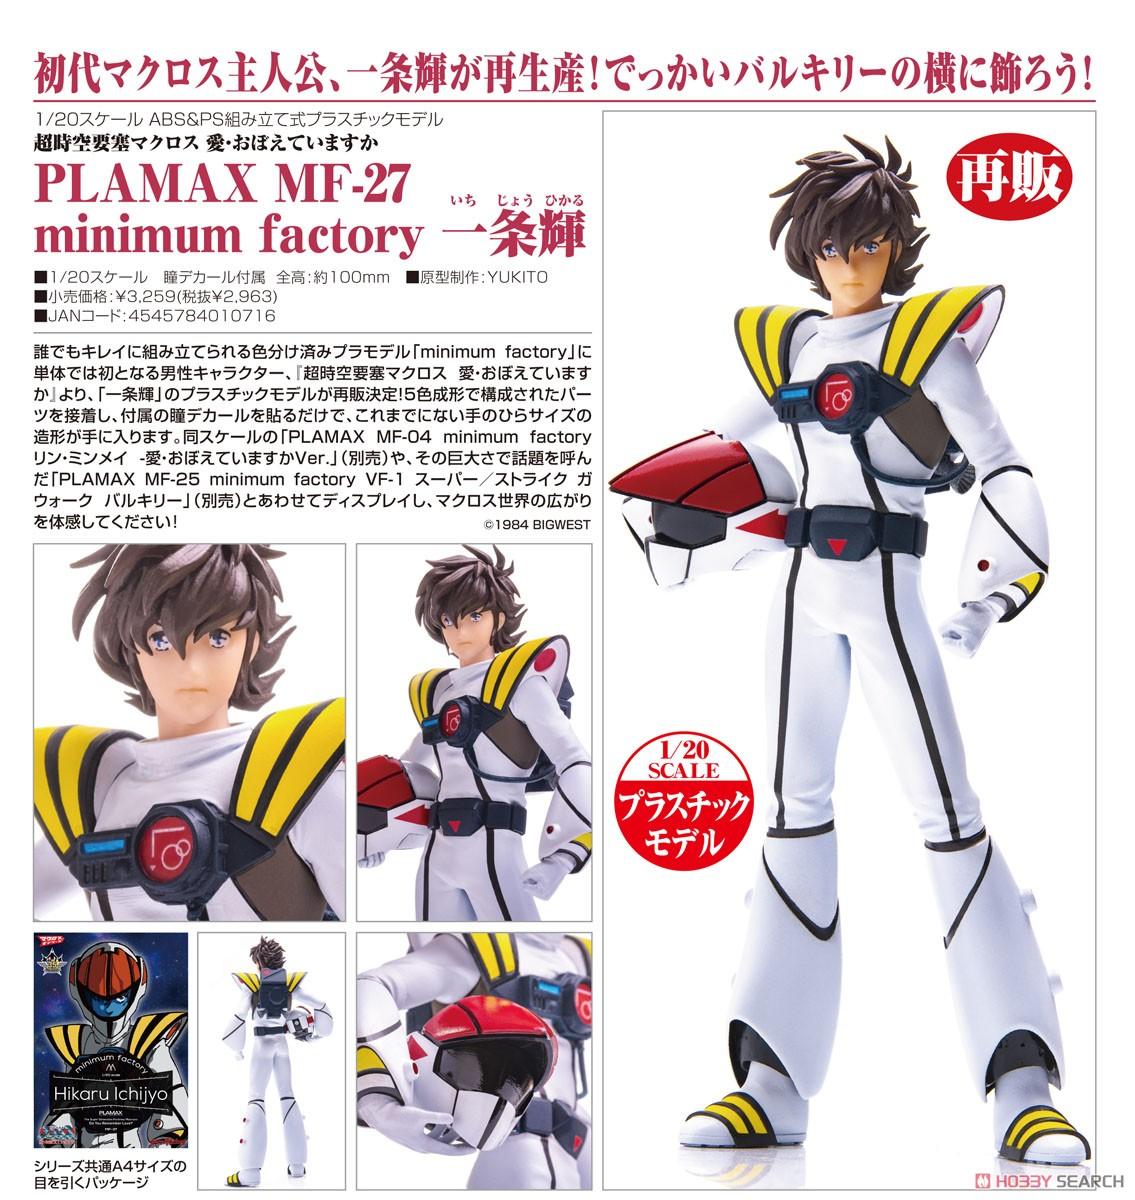 【再販】PLAMAX MF-04 minimum factory『一条輝』超時空要塞マクロス 1/20 プラモデル-012